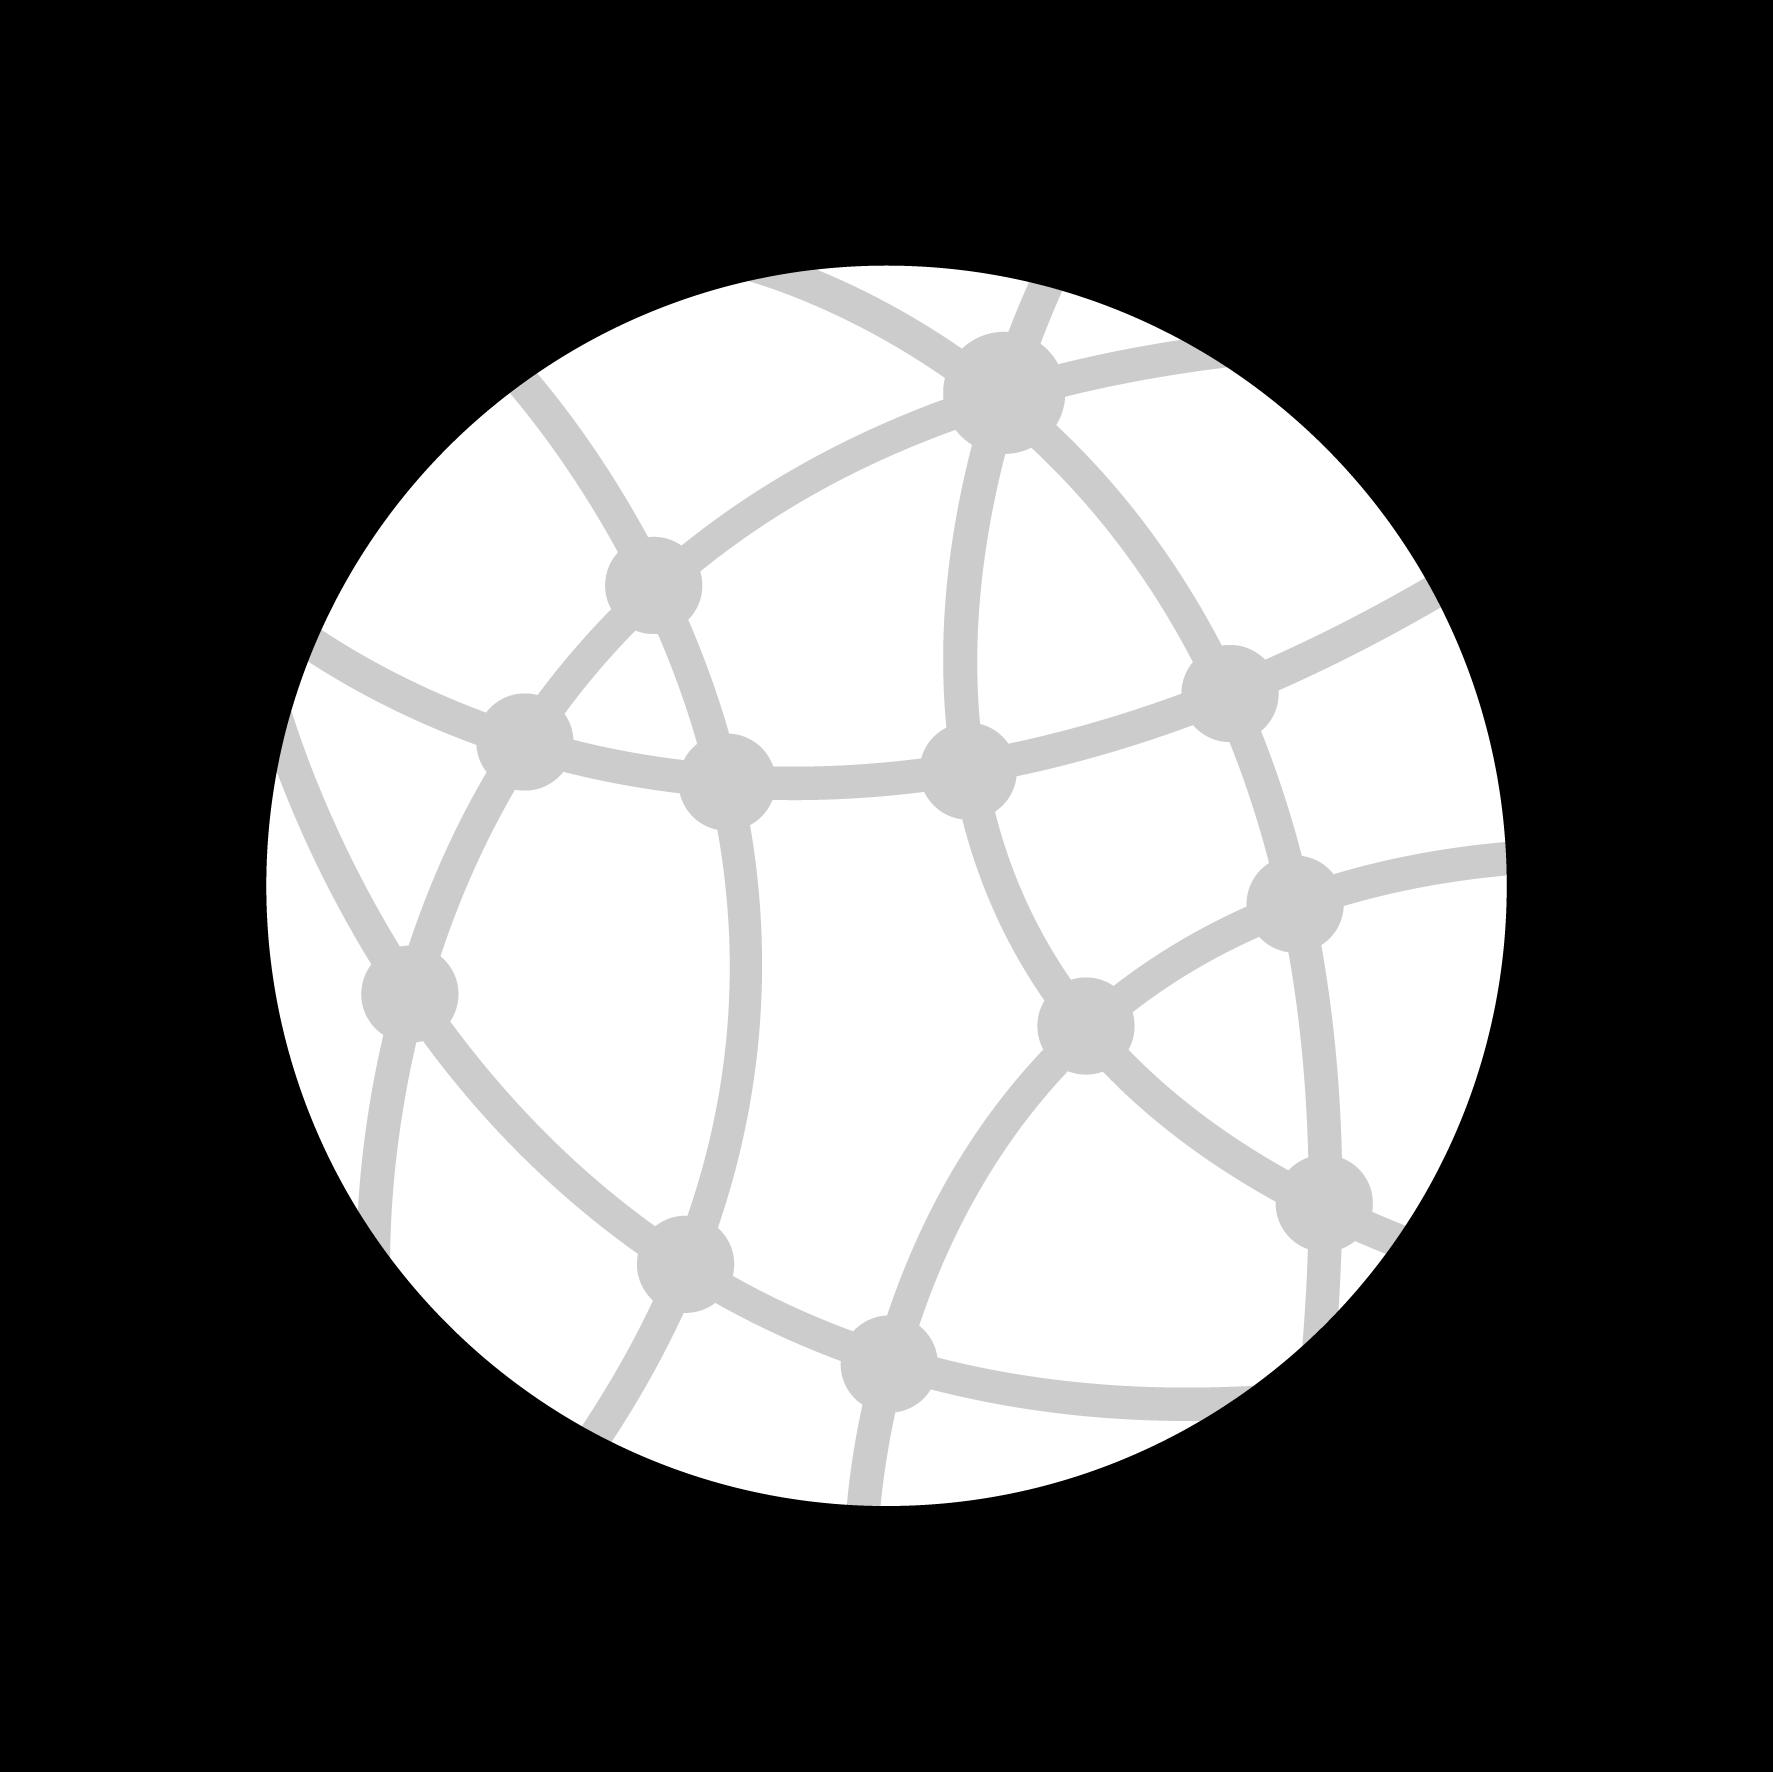 worldwideweb_button _ icon